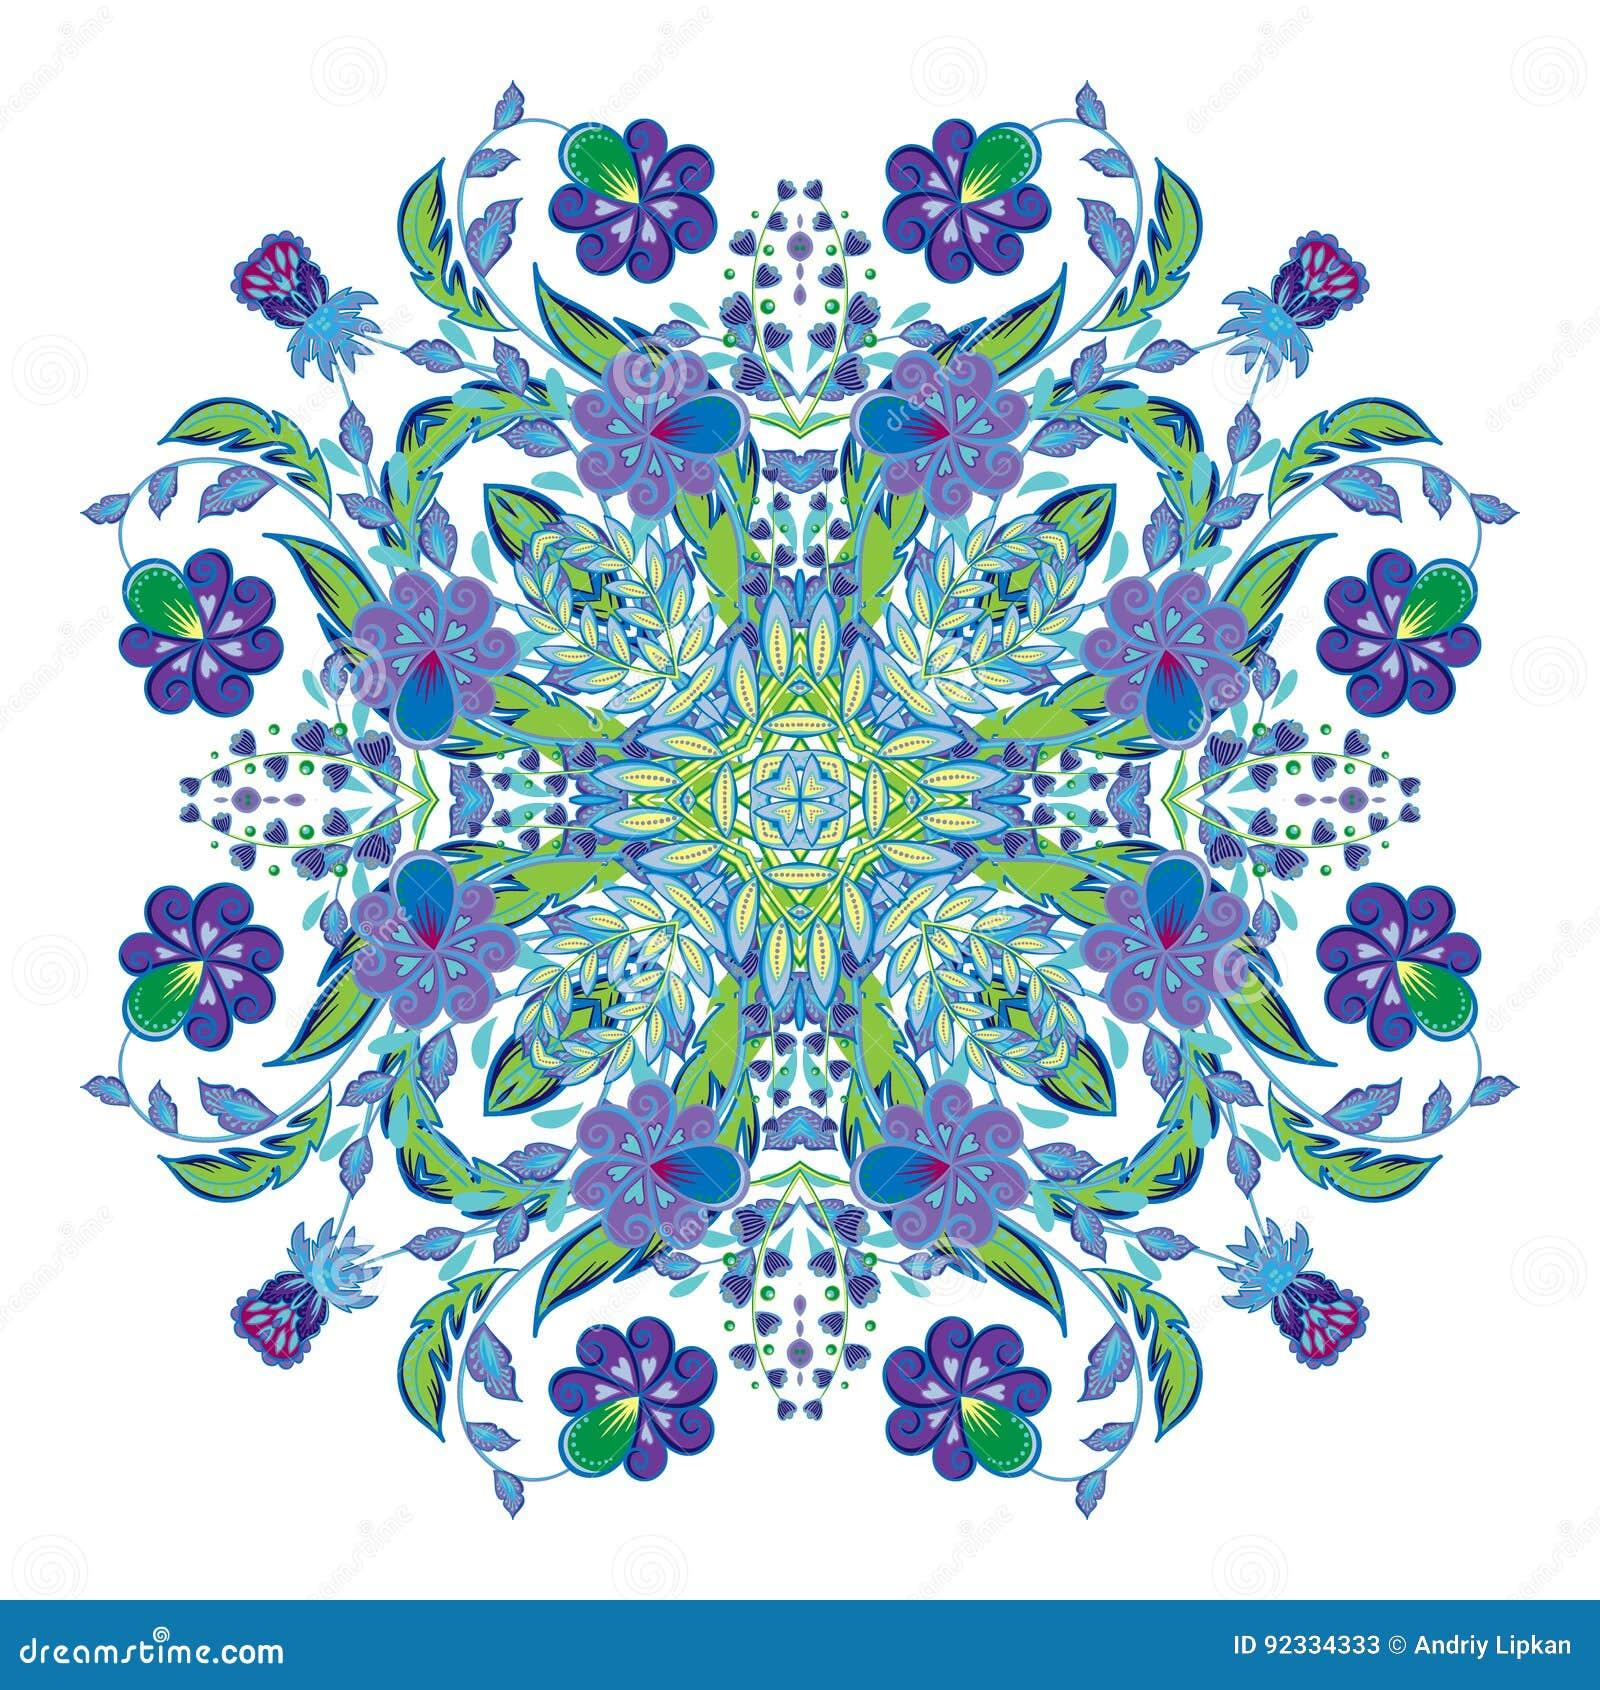 0618ca4f6b2488 Projekt dla kwadrat kieszeni, chusta, tkanina Paisley kwiecisty wzór  Kolorowy Paisley ornament